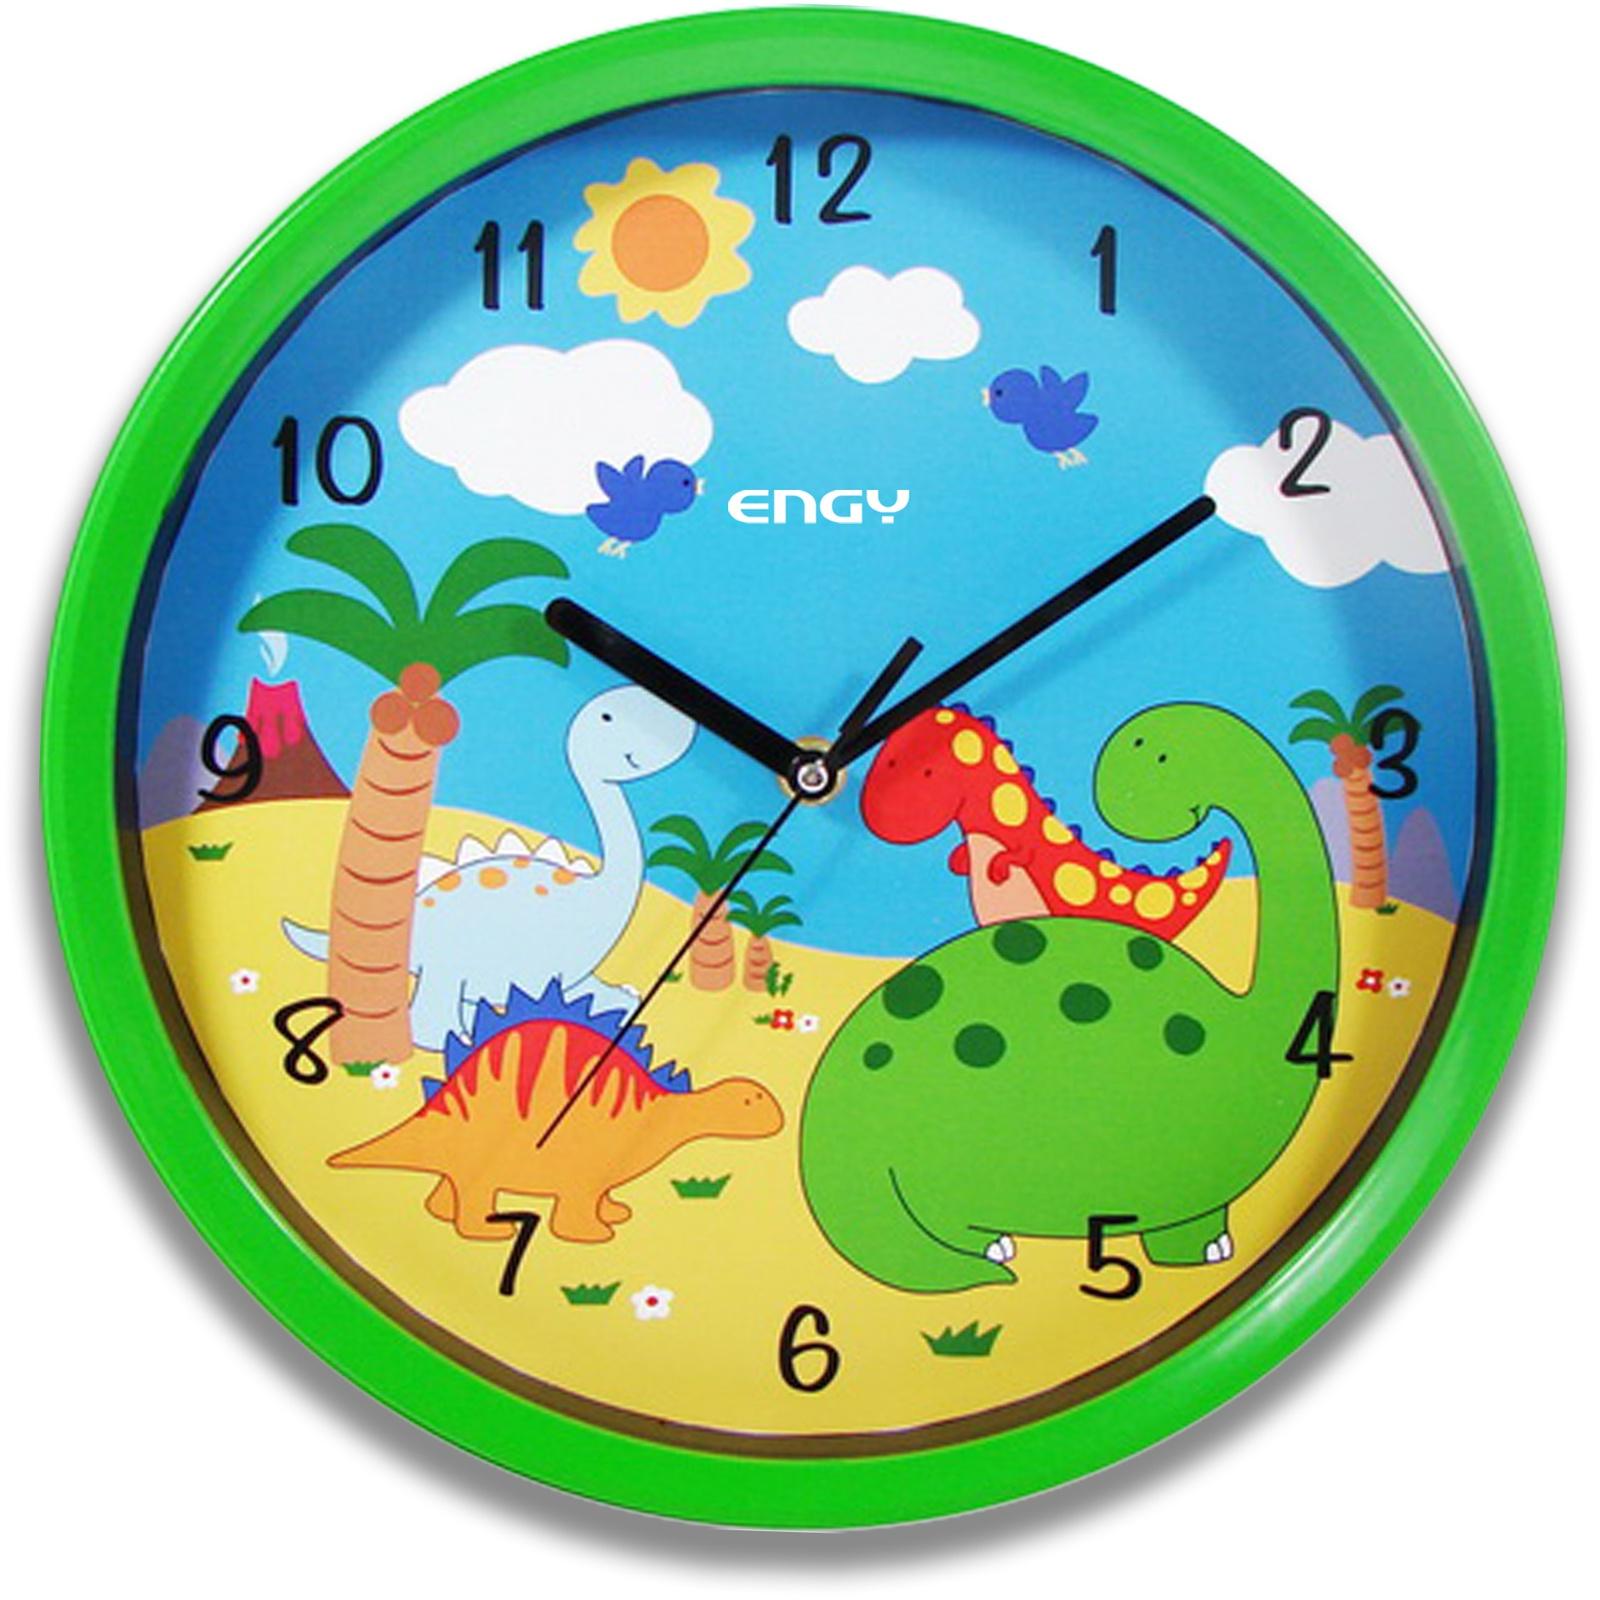 Настенные часы ENGY ЕС-45 круглые, 54 009415 часы настенные engy d300мм